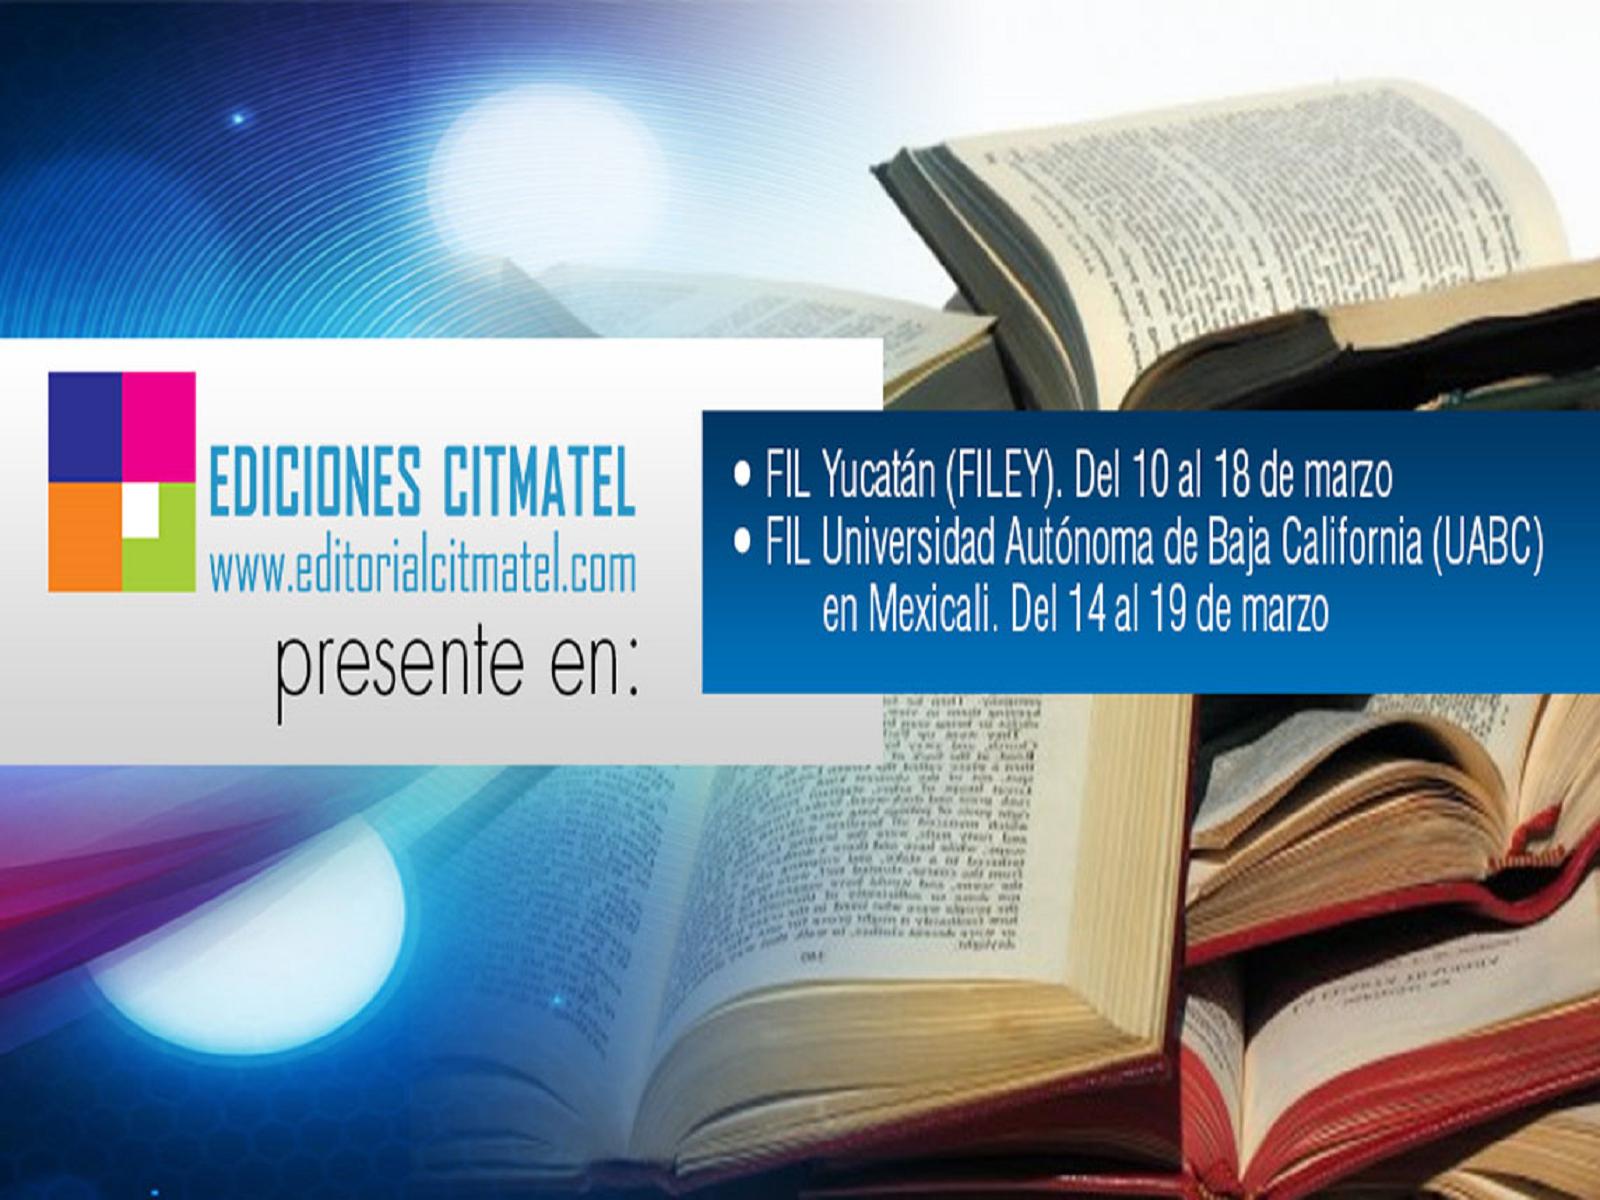 Ediciones Citmatel presente en Ferias Internacionales del Libro